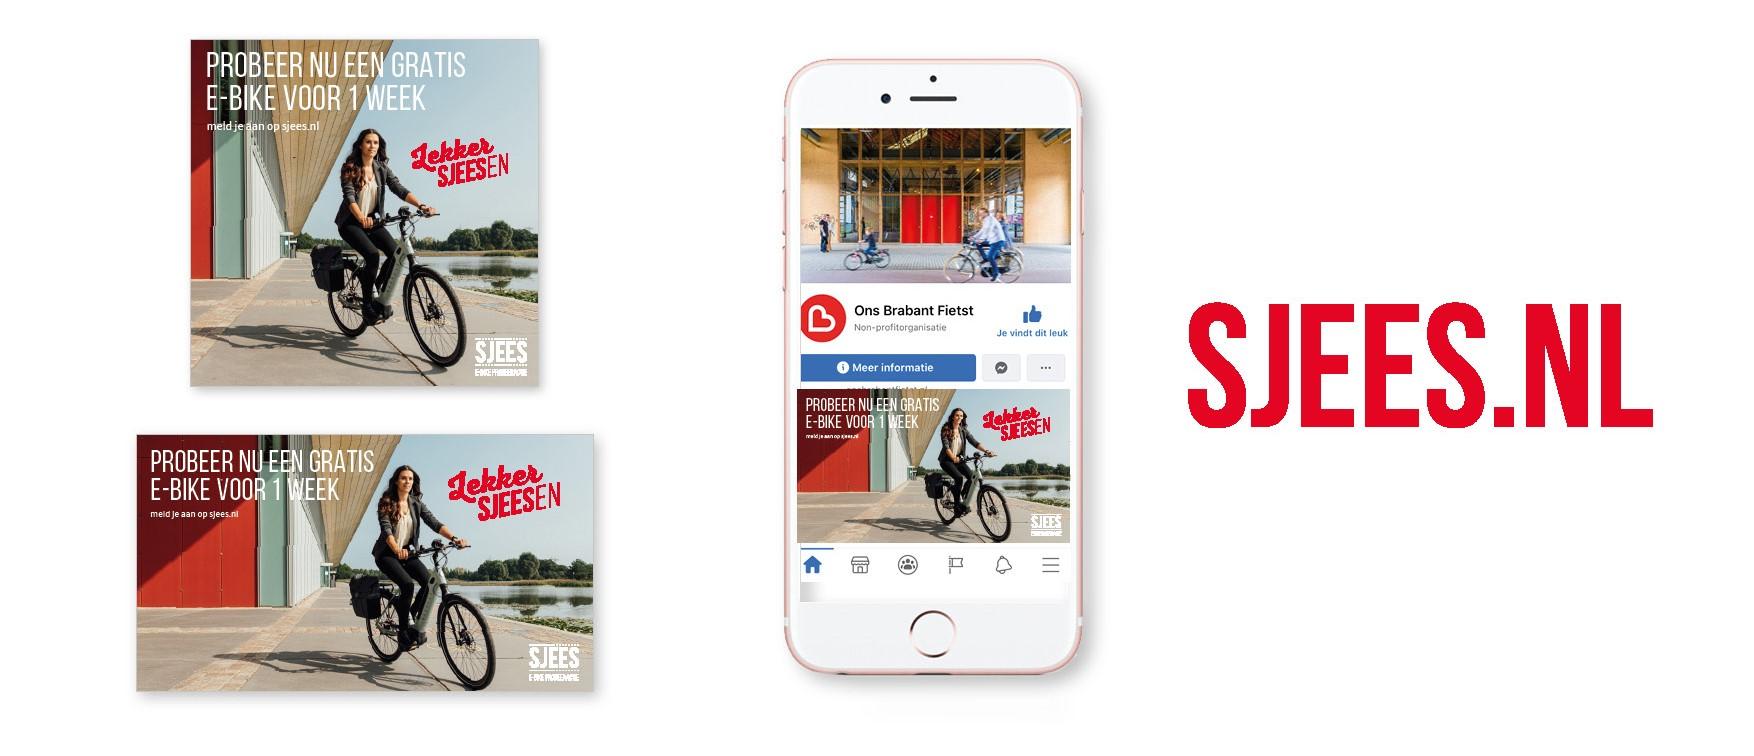 Online promotiemiddelen e-bike probeeractie